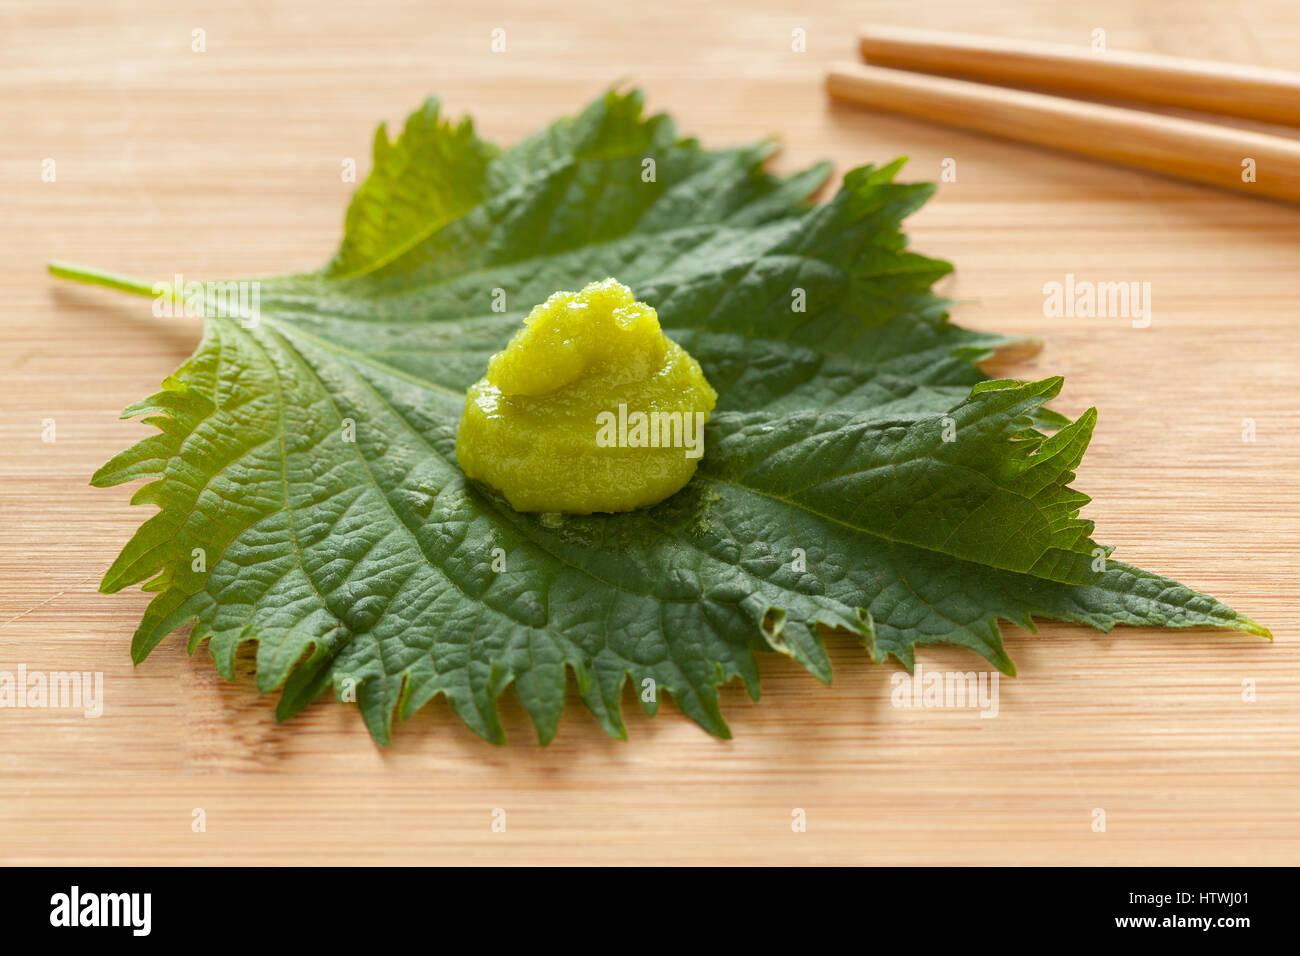 Feuille de shiso vert frais avec la pâte de wasabi en accompagnement Photo Stock